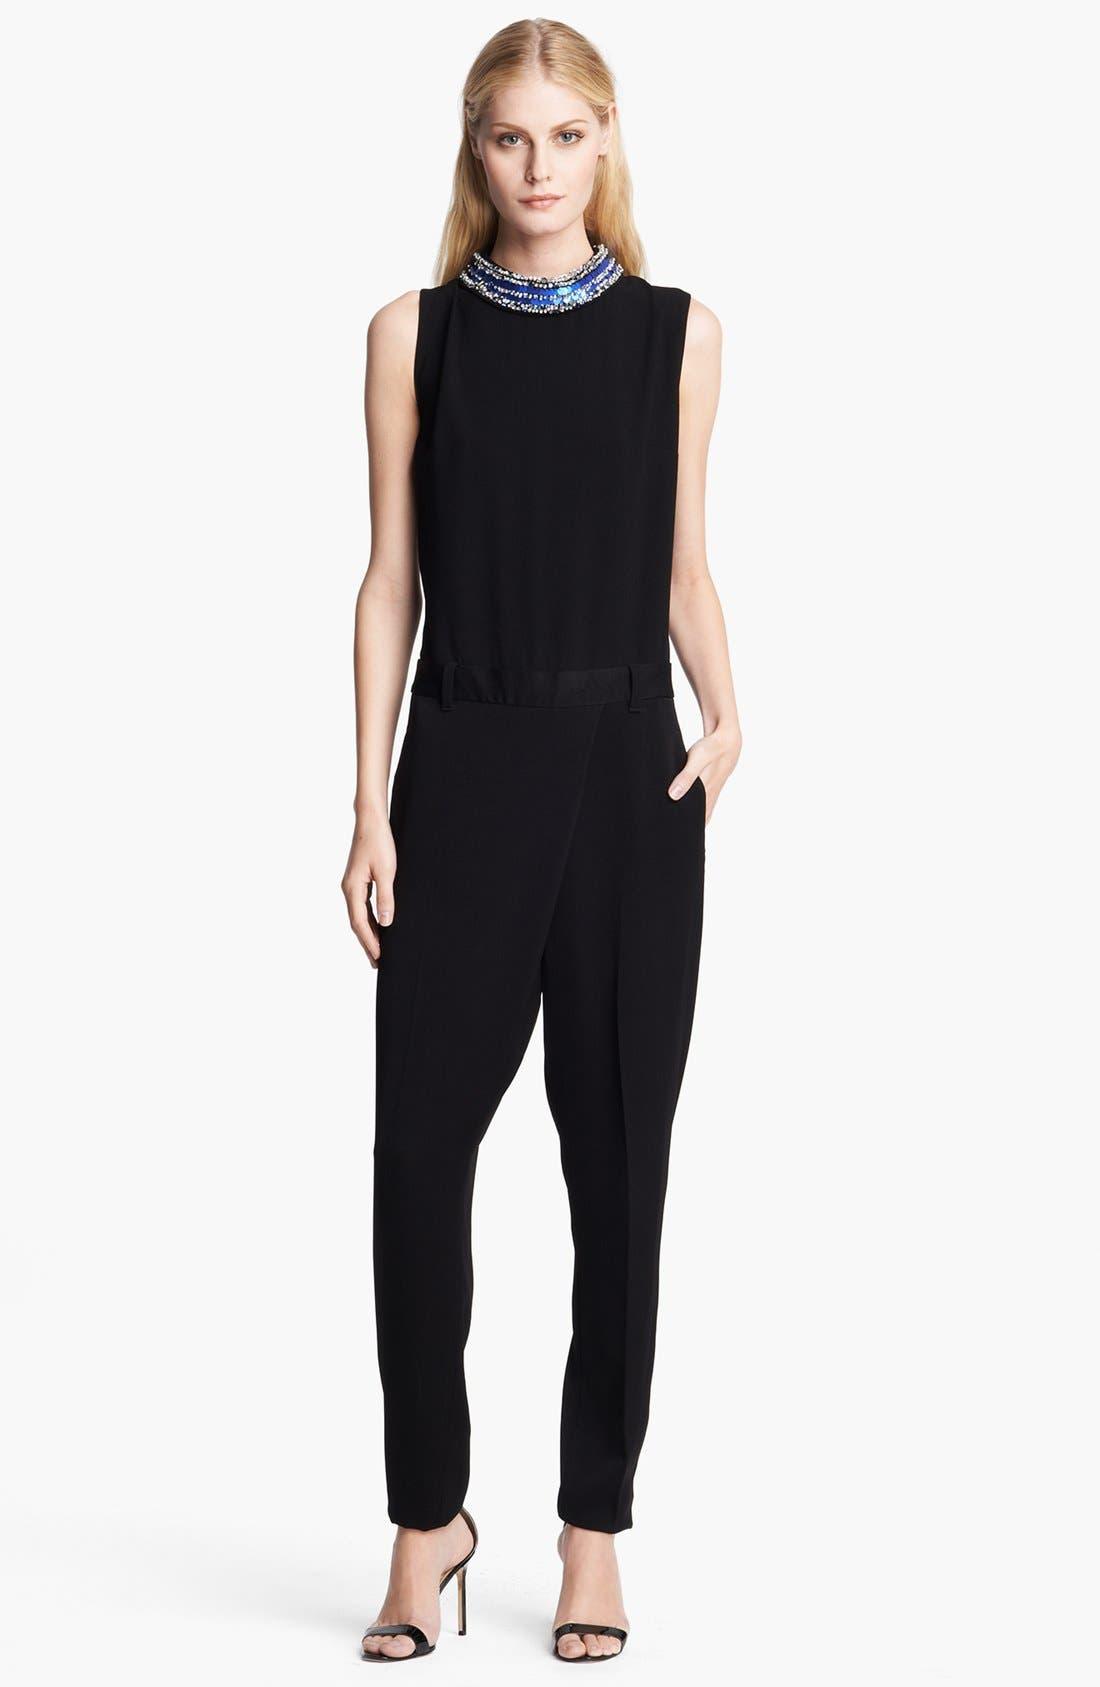 Alternate Image 1 Selected - 3.1 Phillip Lim Embellished Neck Jumpsuit